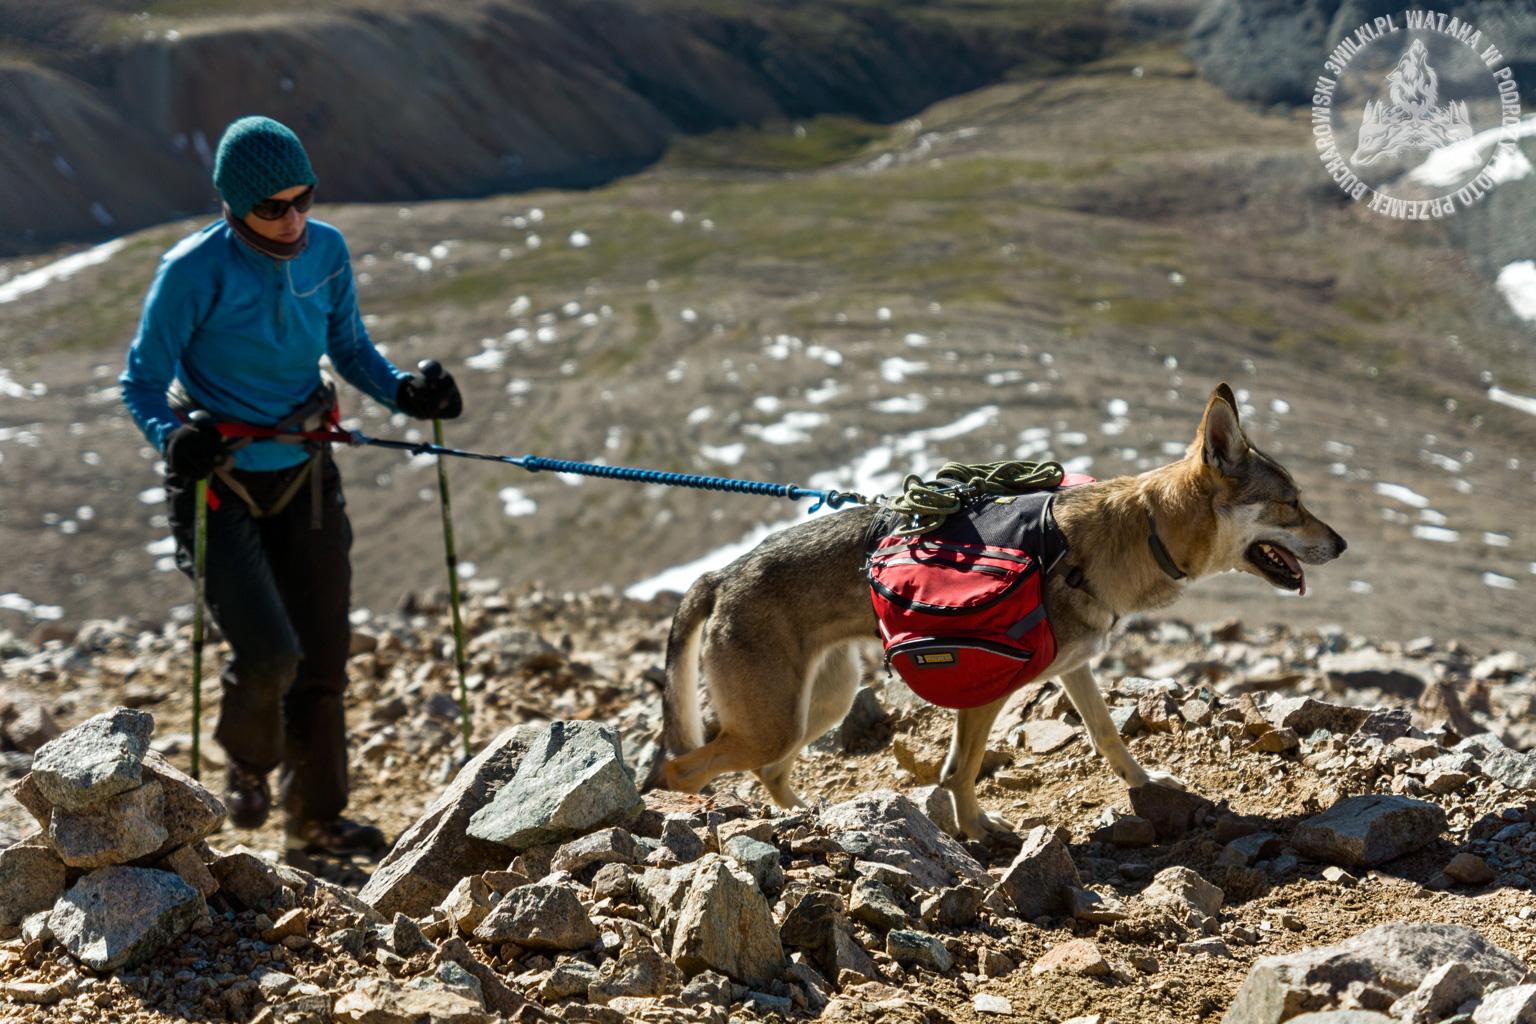 mongolia_tavanbogd_malchin_peak_diuna_agi2